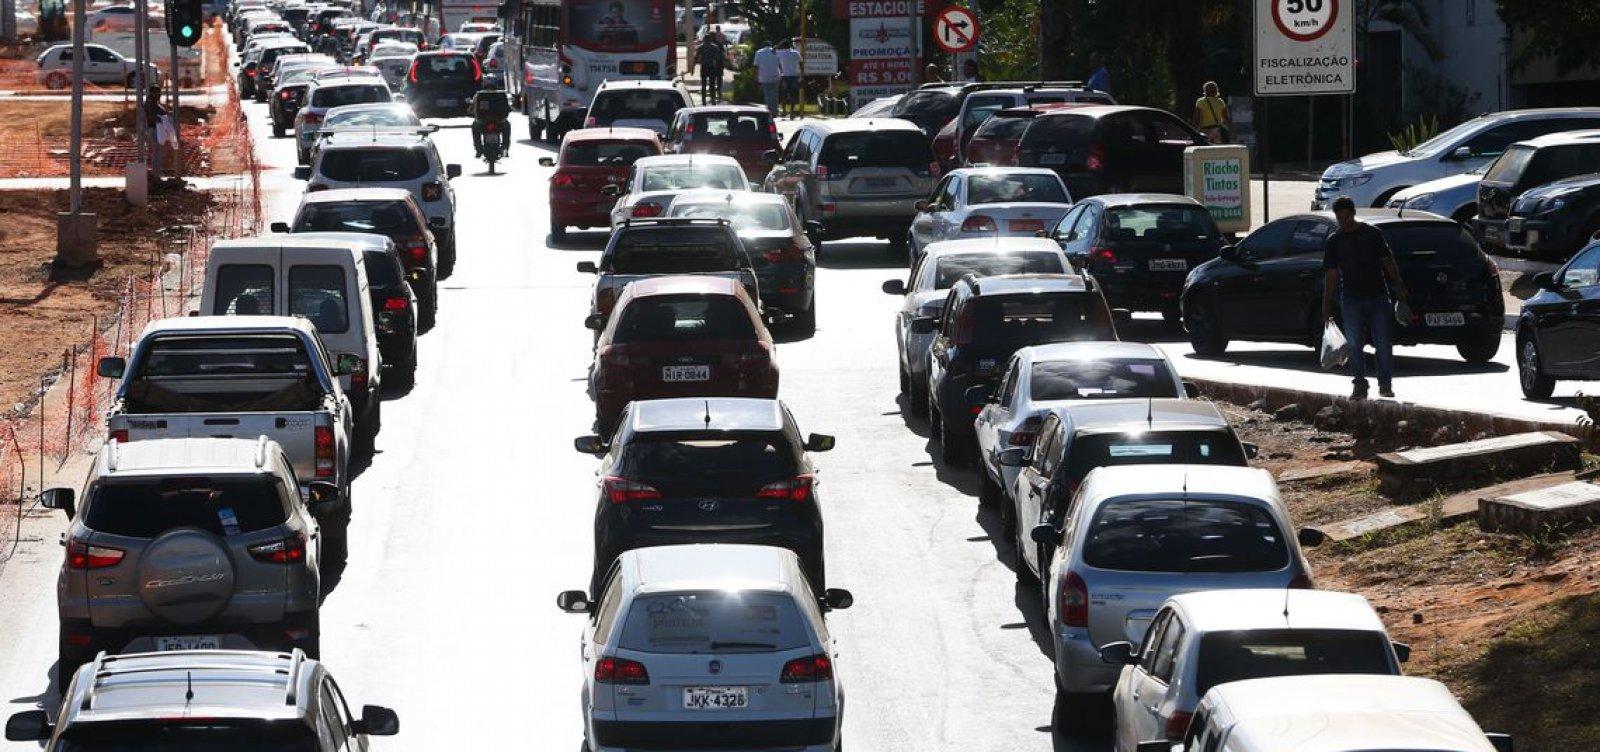 [Mais de 340 mil veículos estão com IPVA atrasado na Bahia]